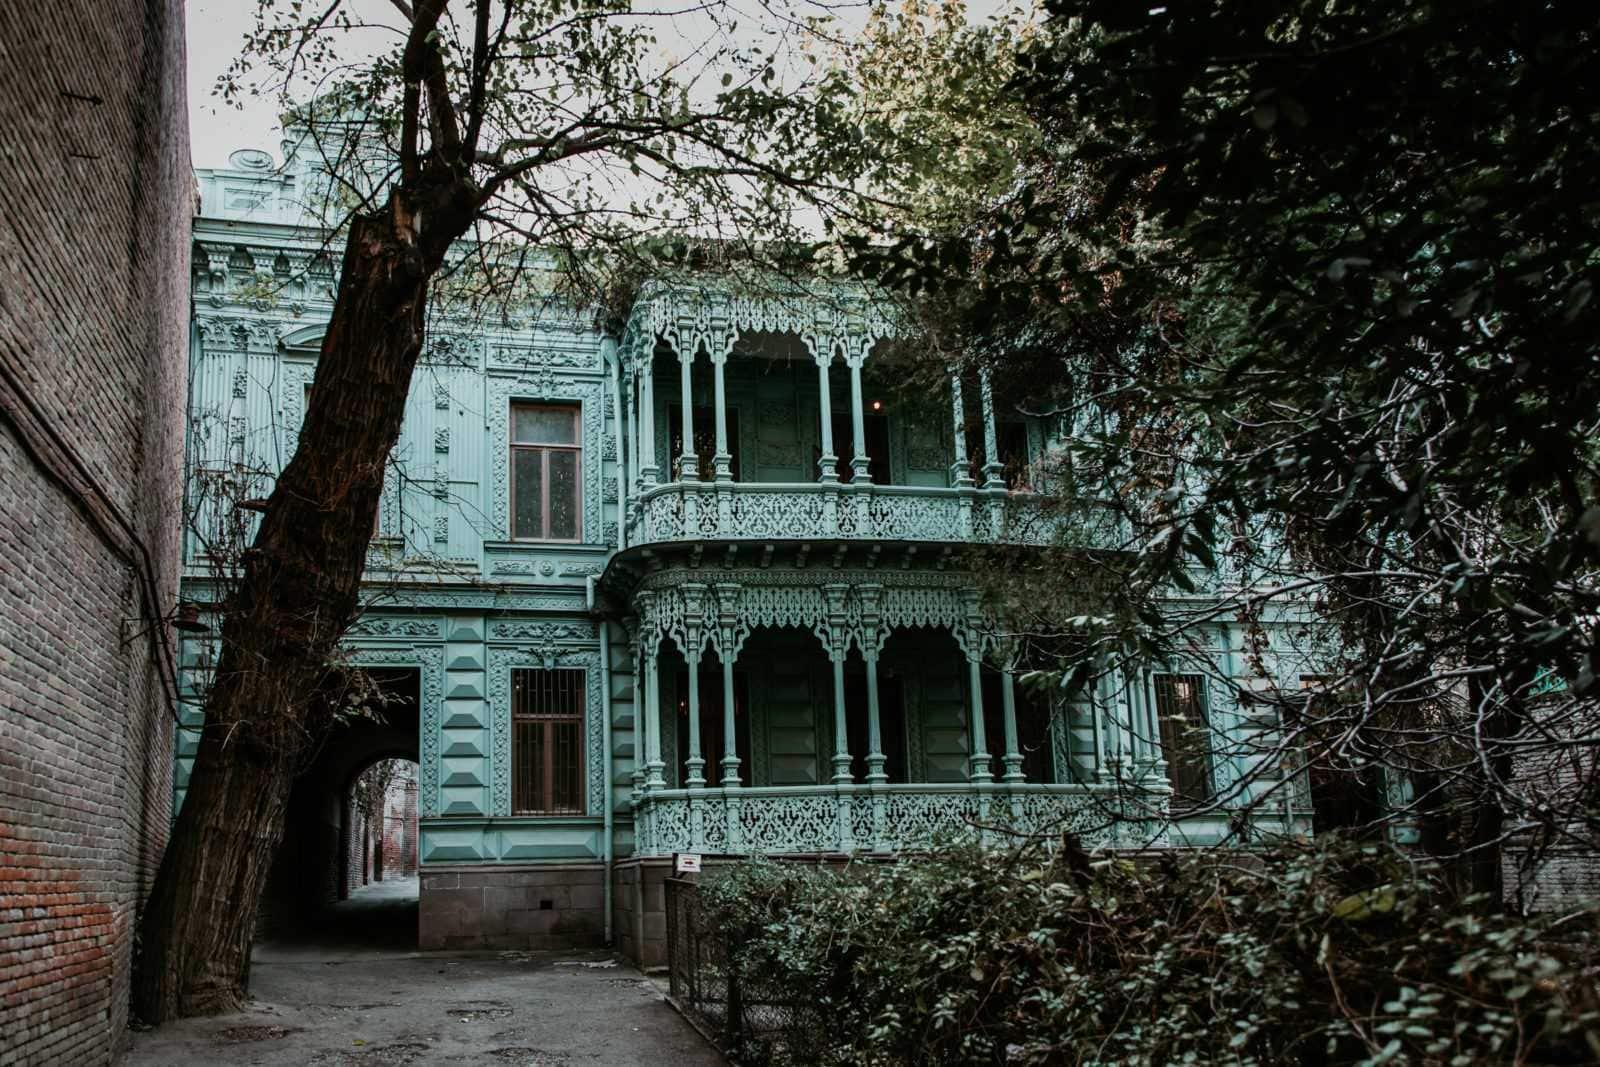 Tiflis Sehenswürdigkeiten türkise Balkone in der Altstadt